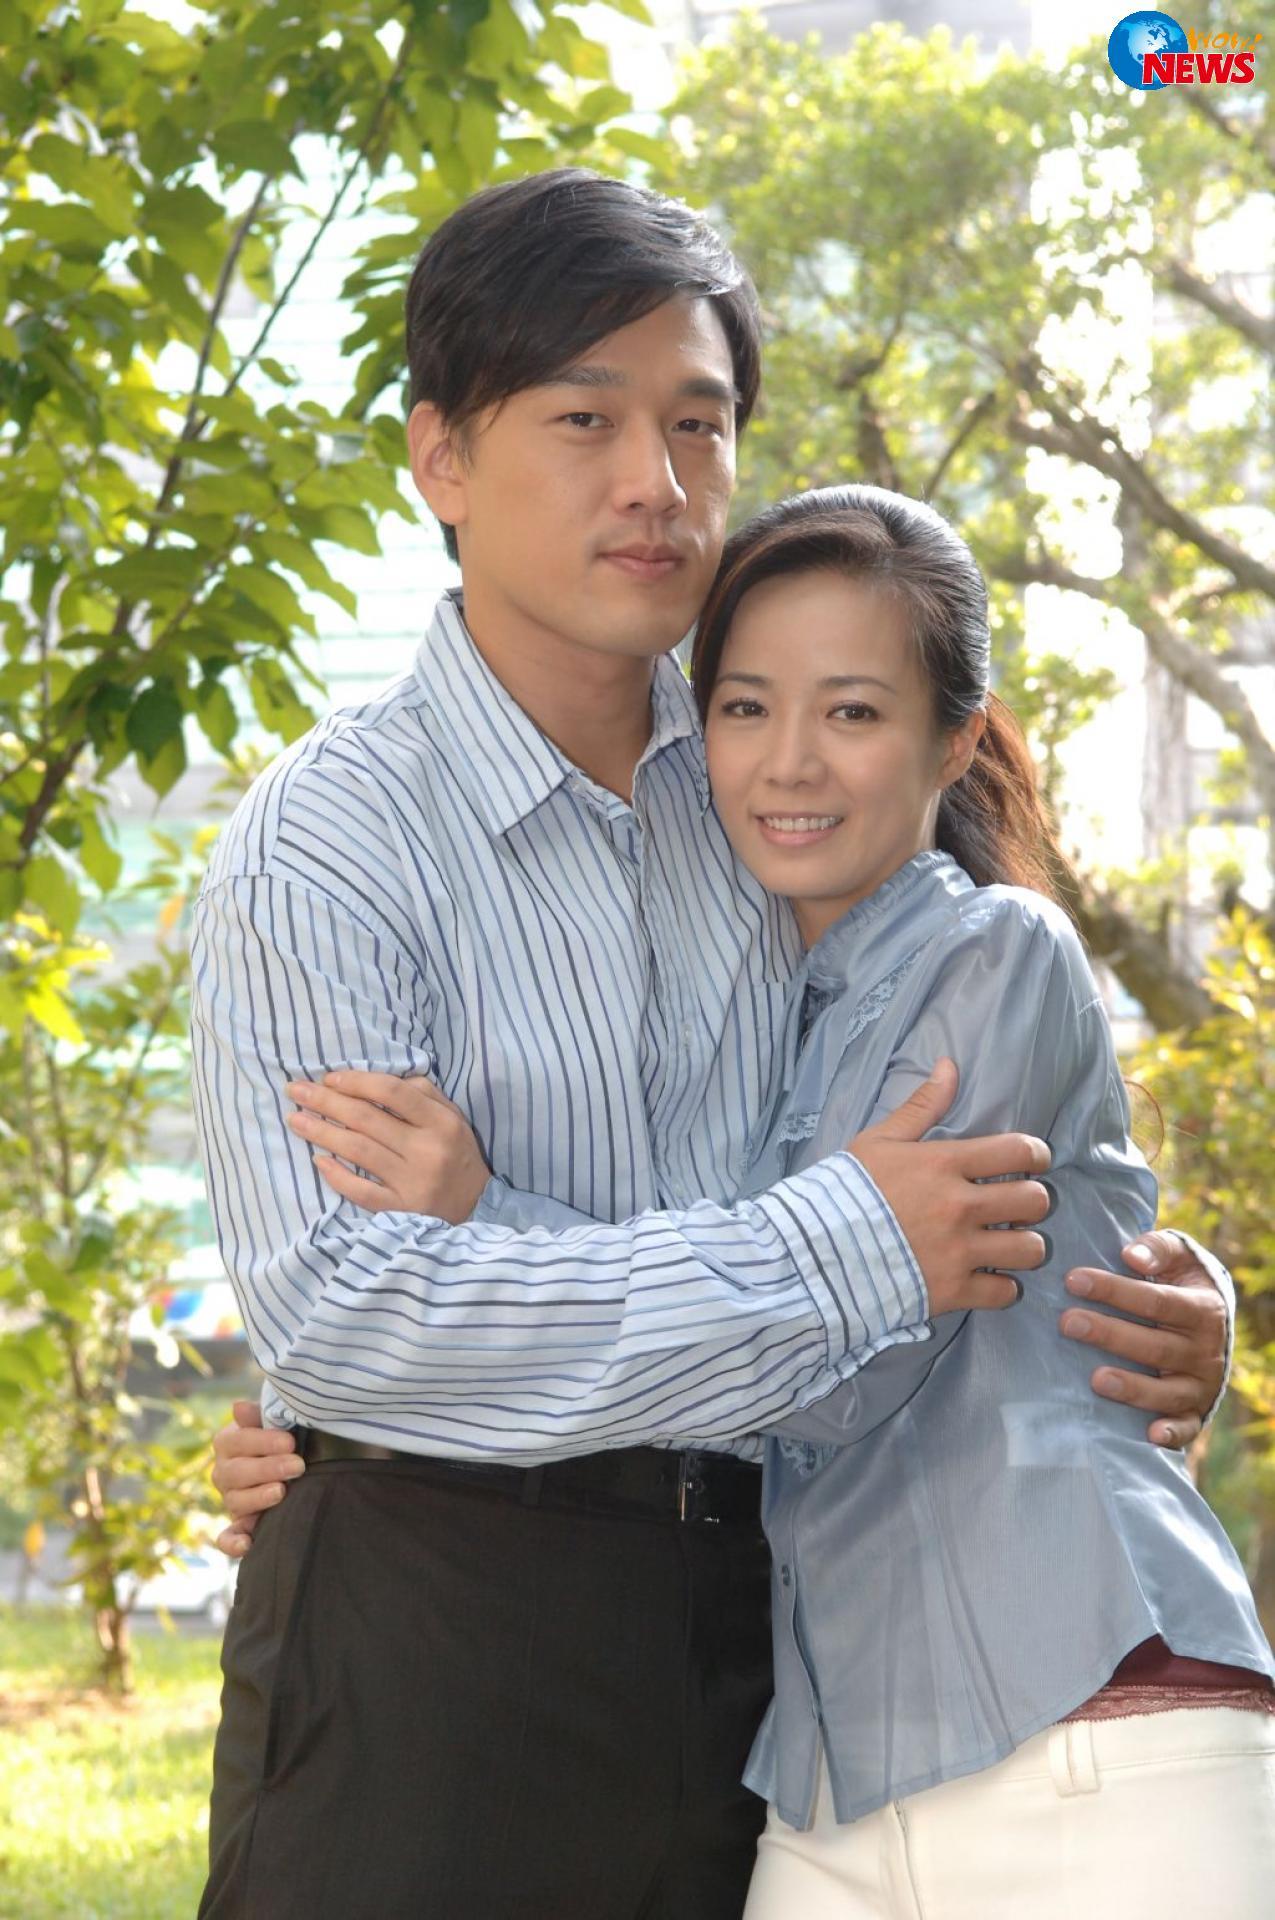 江腾蛟妻子李燕平_陈仙梅-江宏恩-陈仙梅图片-江宏恩的老婆-陈仙梅说黄维德